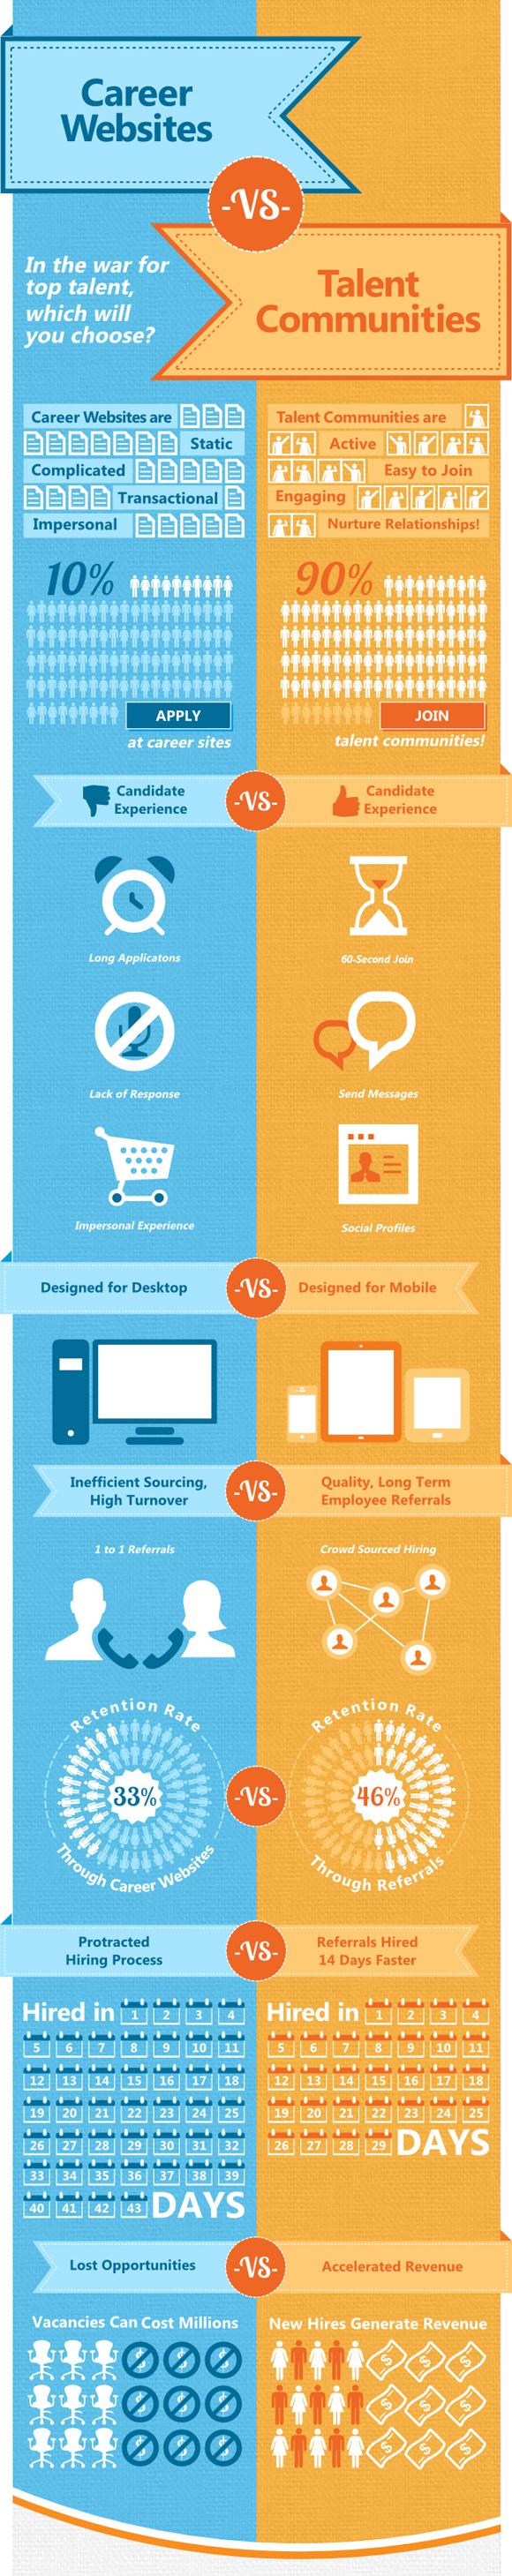 Career Websites vs Talent Communities #infographic ...